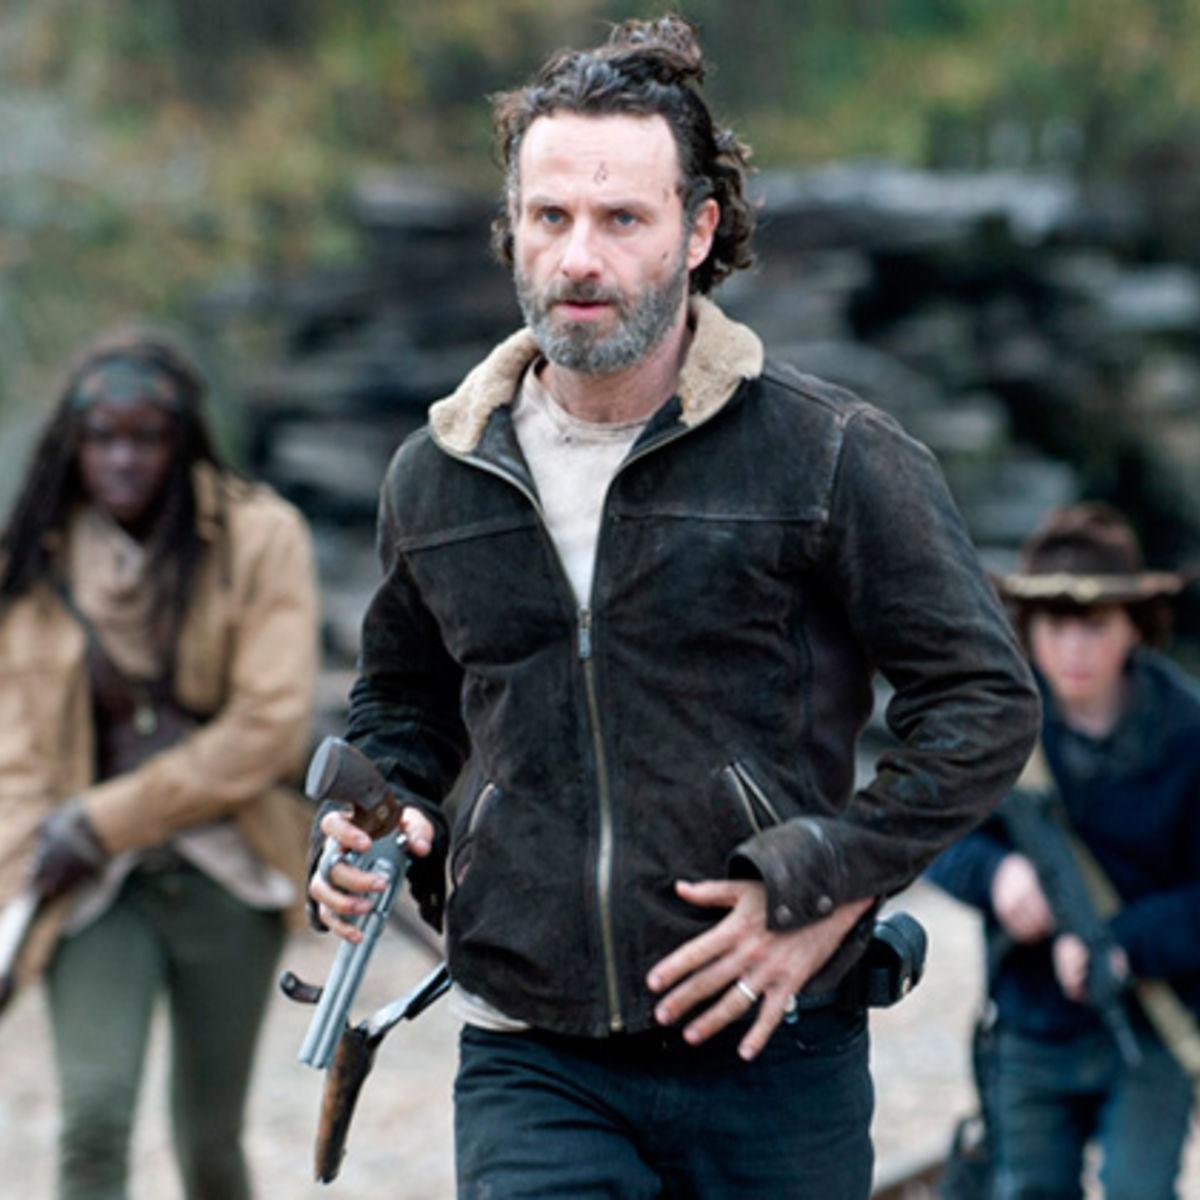 the-walking-dead-season-4-finale-review-a-photo_0.jpg